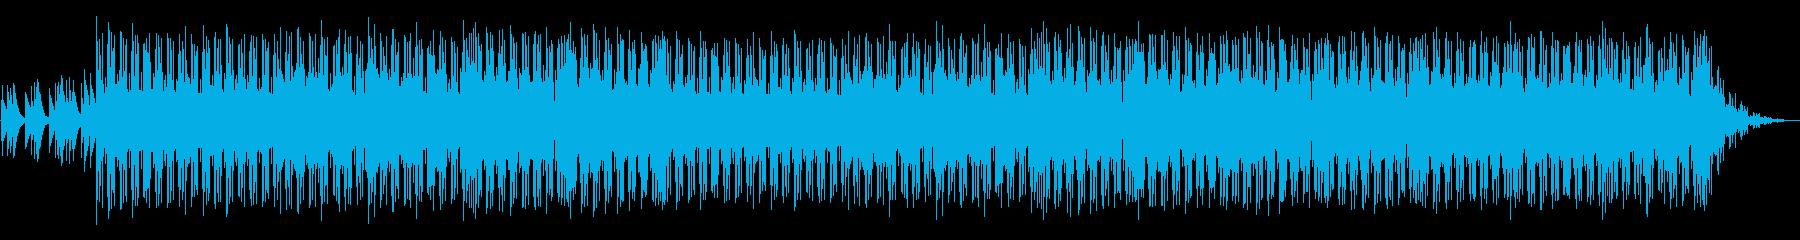 旅のBGMにぴったりのLofiの再生済みの波形